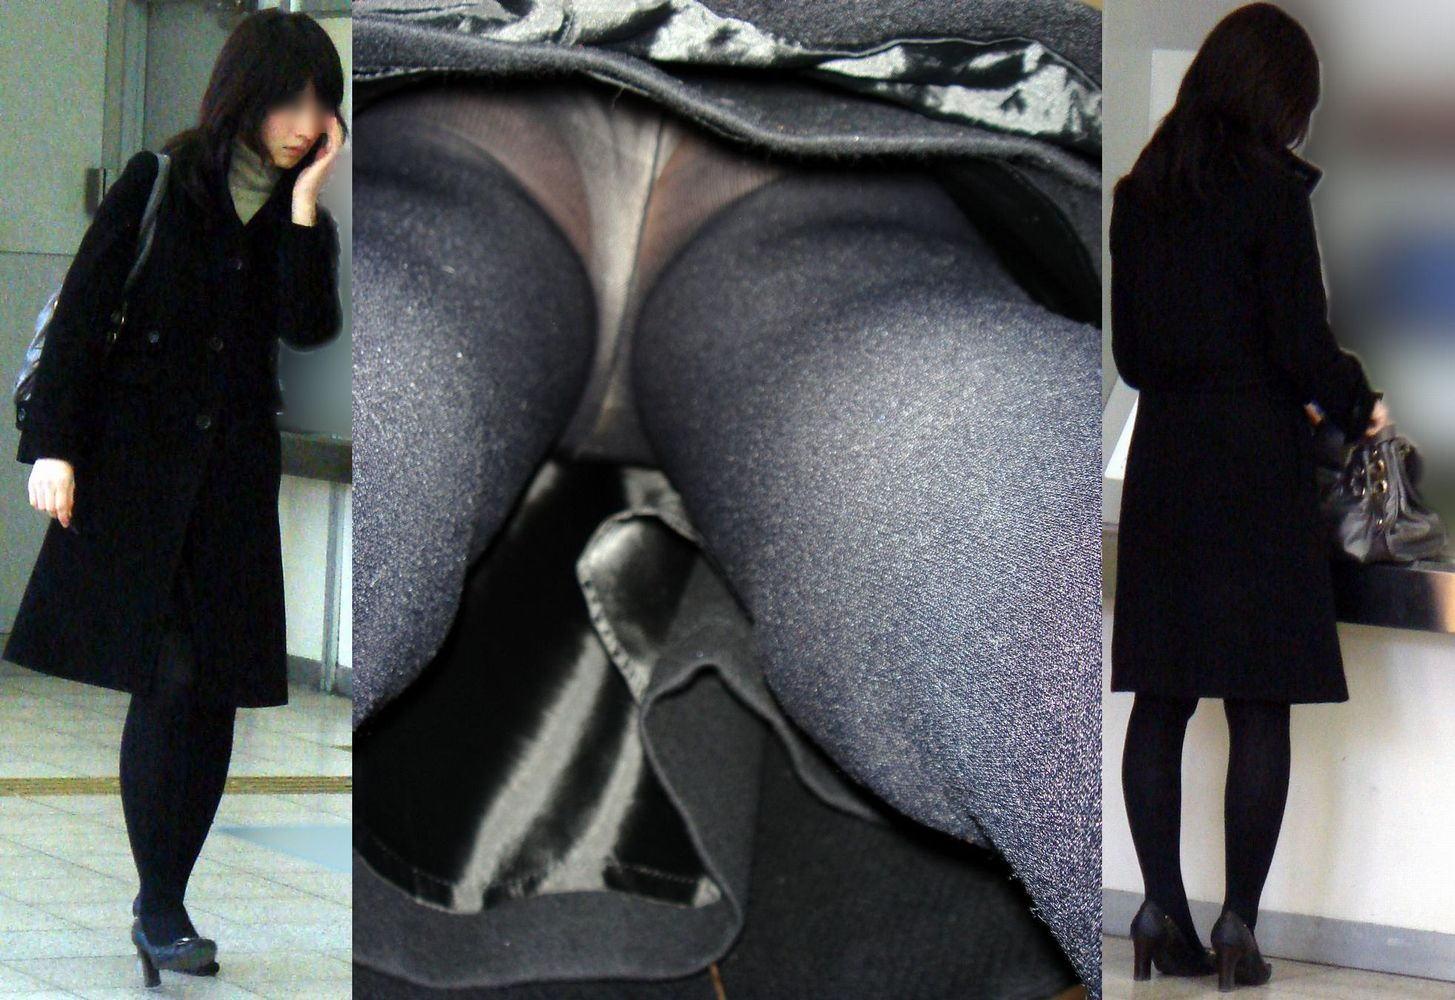 タイツ 逆さ 冬 パンチラ 黒パンスト 黒タイツ パンツ 逆さ撮り エロ画像【27】